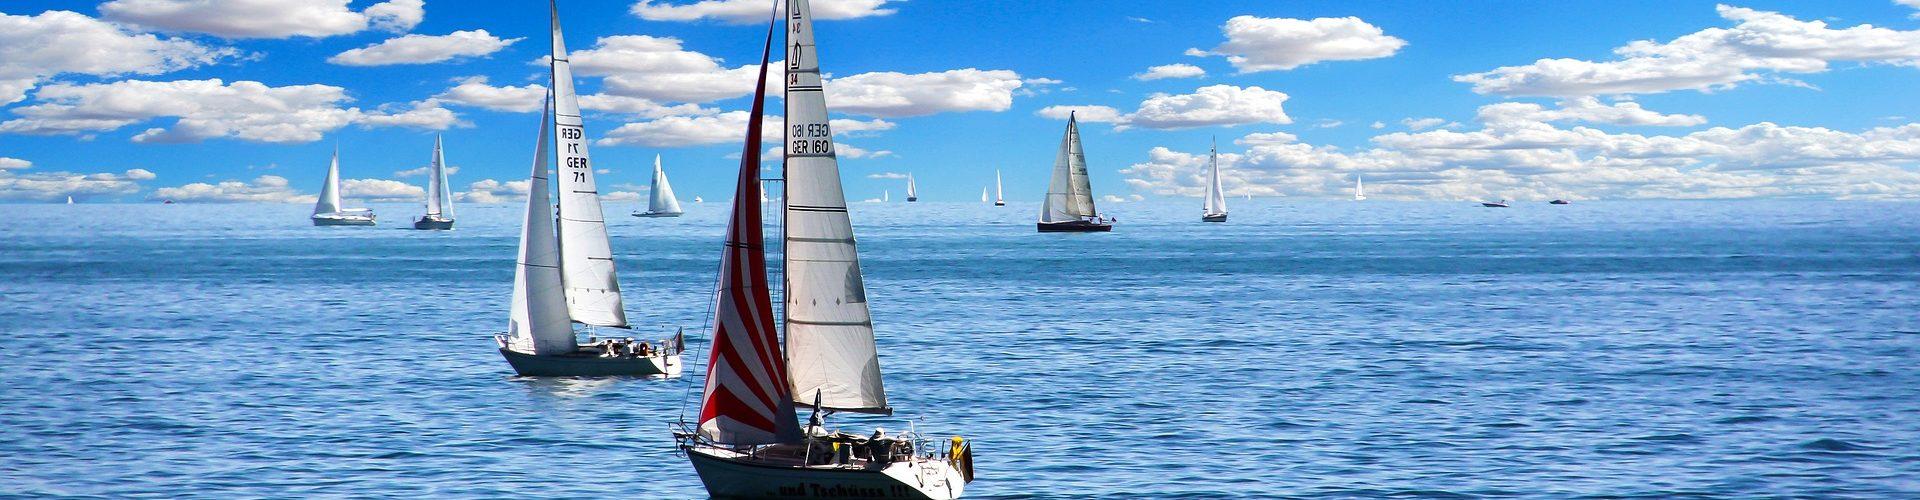 segeln lernen in Kürten segelschein machen in Kürten 1920x500 - Segeln lernen in Kürten